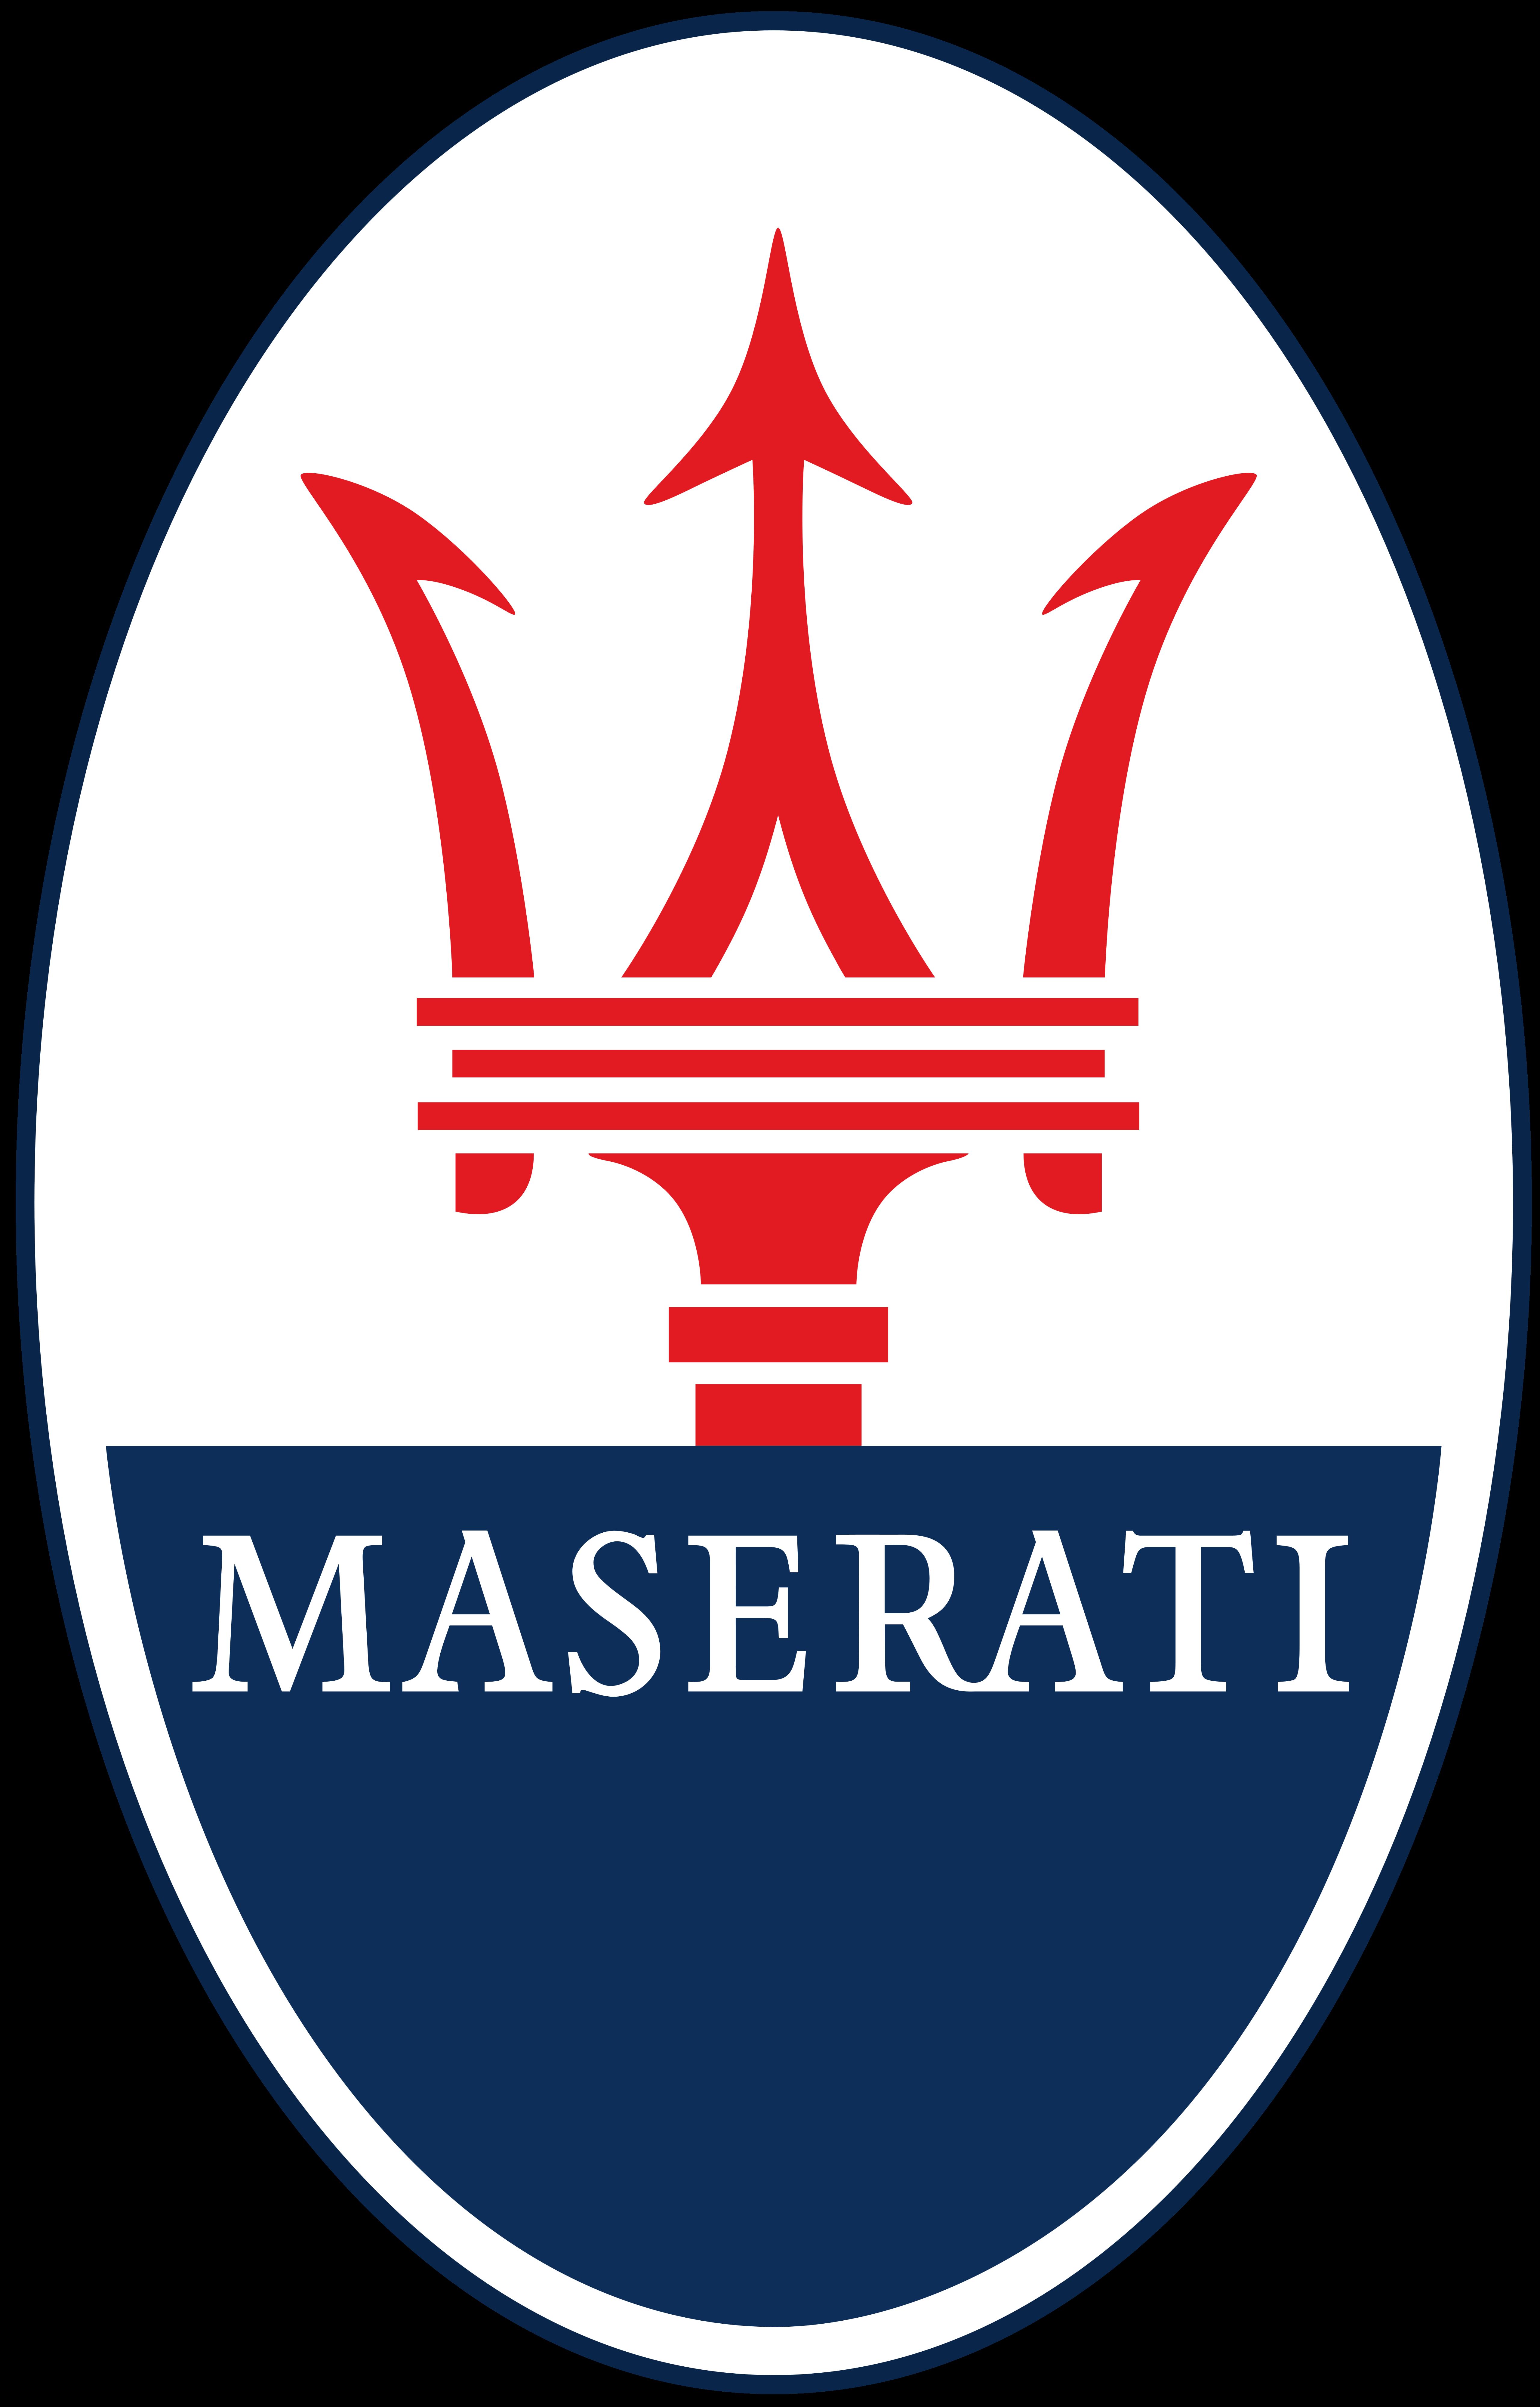 Maserati – Logos Download